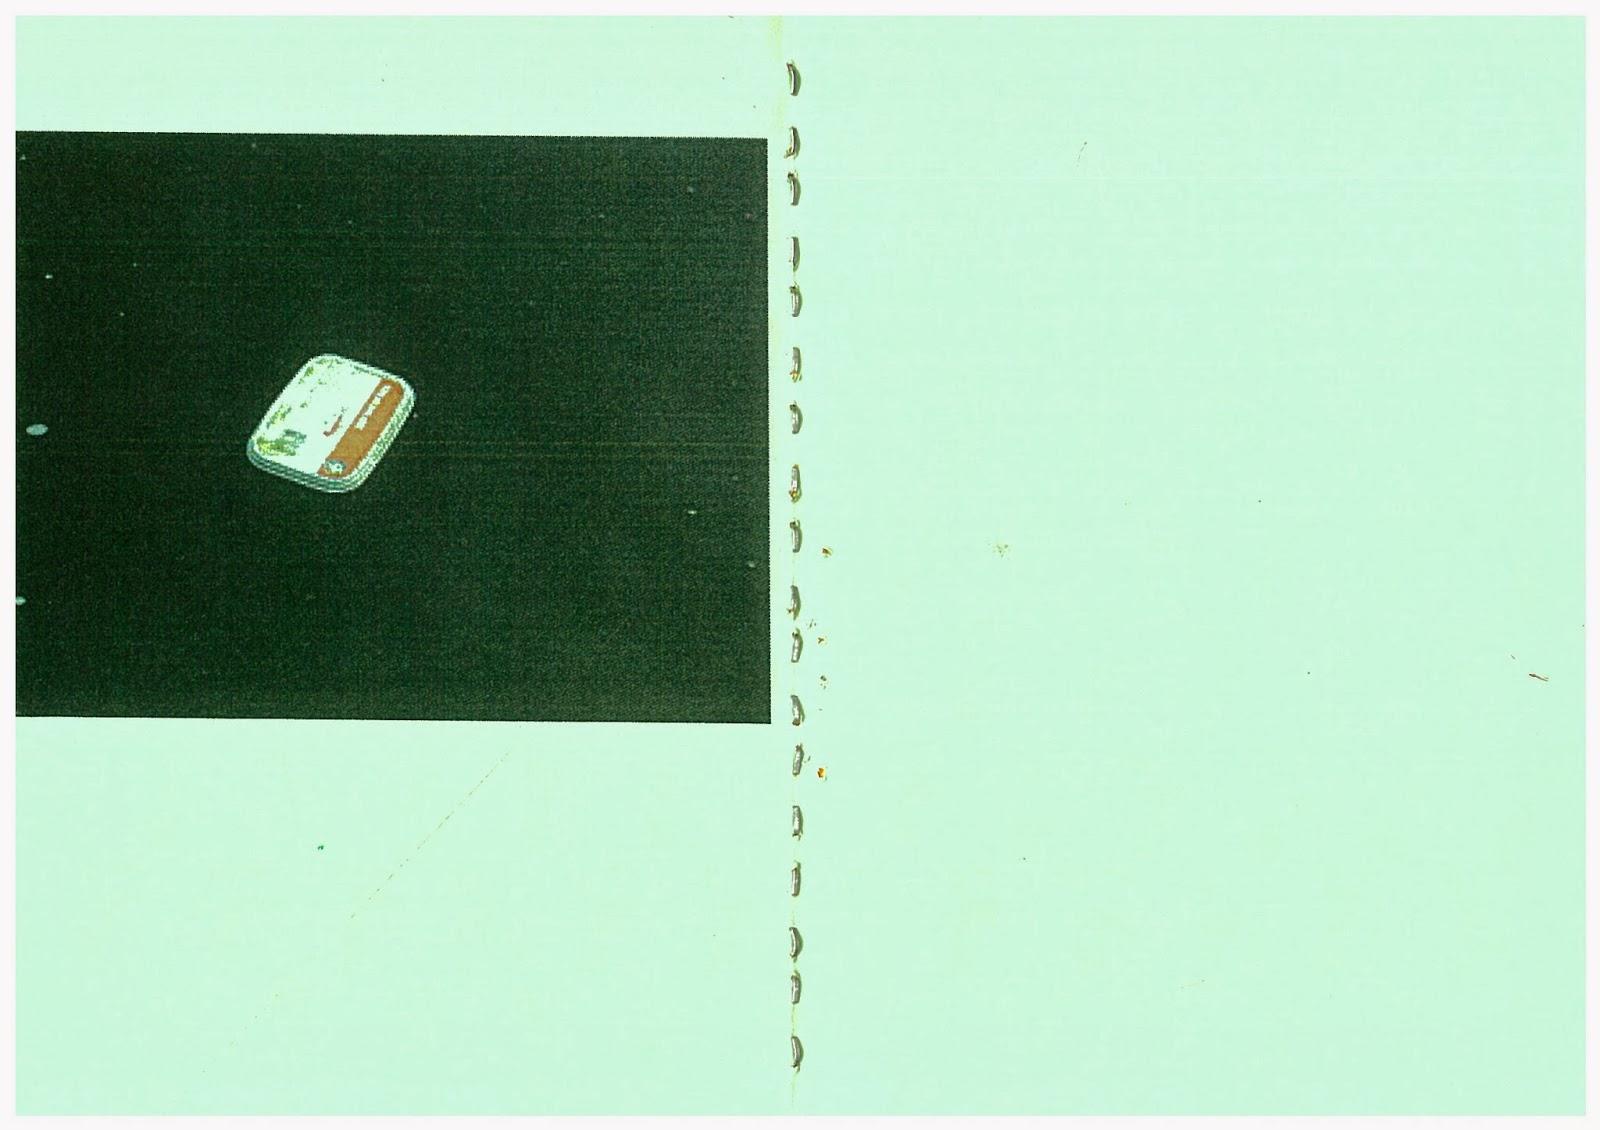 img-Z06155901-0008